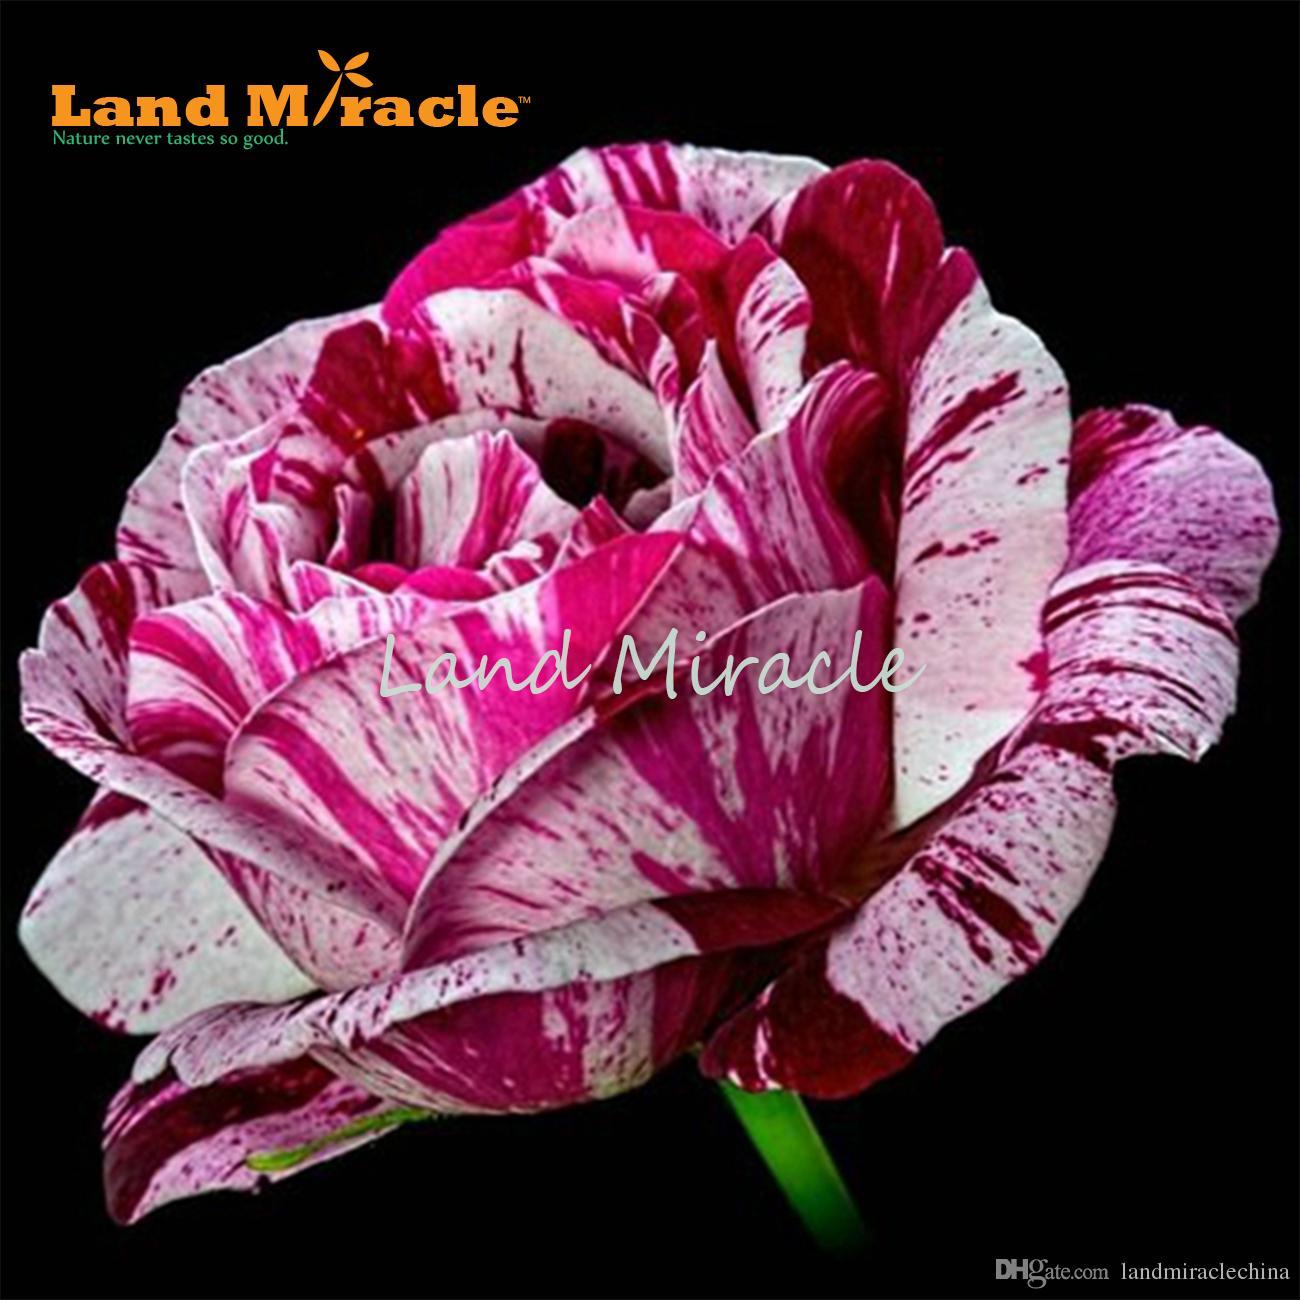 Rosa Rampicante In Vaso acquista splendida rosa rampicante fiore bush 50 semi casa giardino piante  da giardino pianta perenne w / forte profumo bonsai in vaso di fiori a 2,65